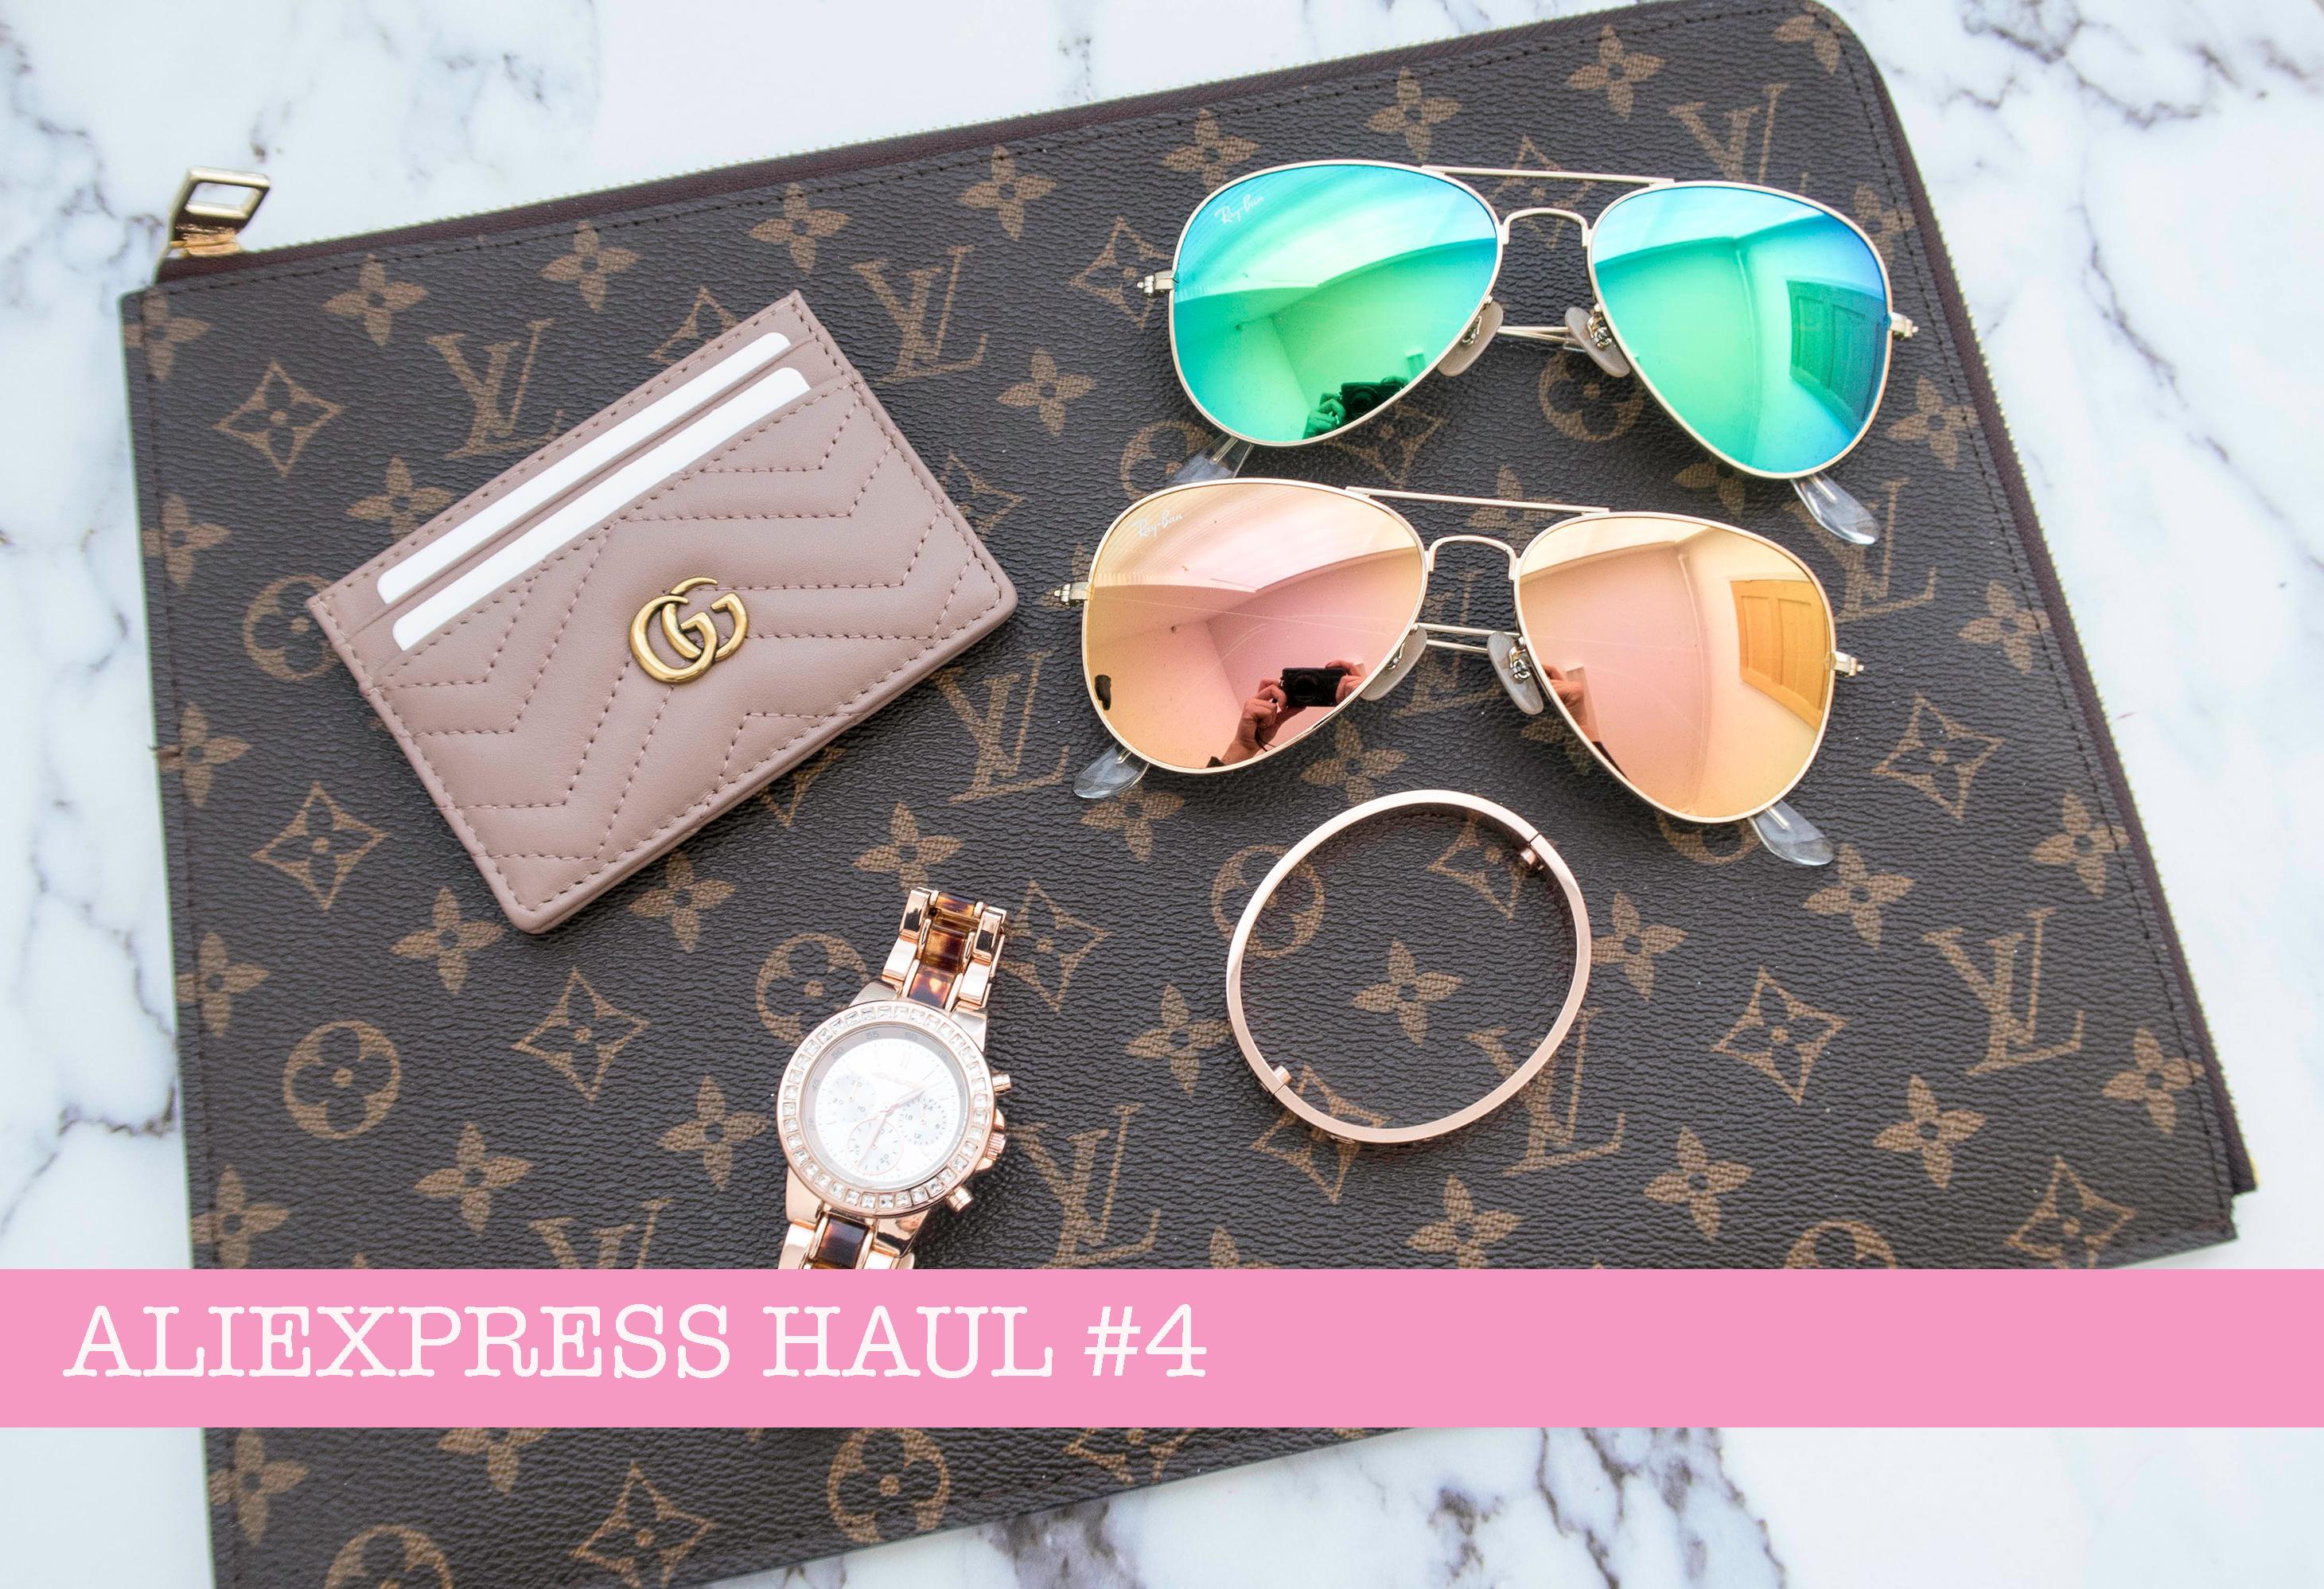 ccd1b54d7a13a9 🕶 Aliexpress Haul #4 – Rayban, LV, Gucci, MK 🕶 – Luscious Trends